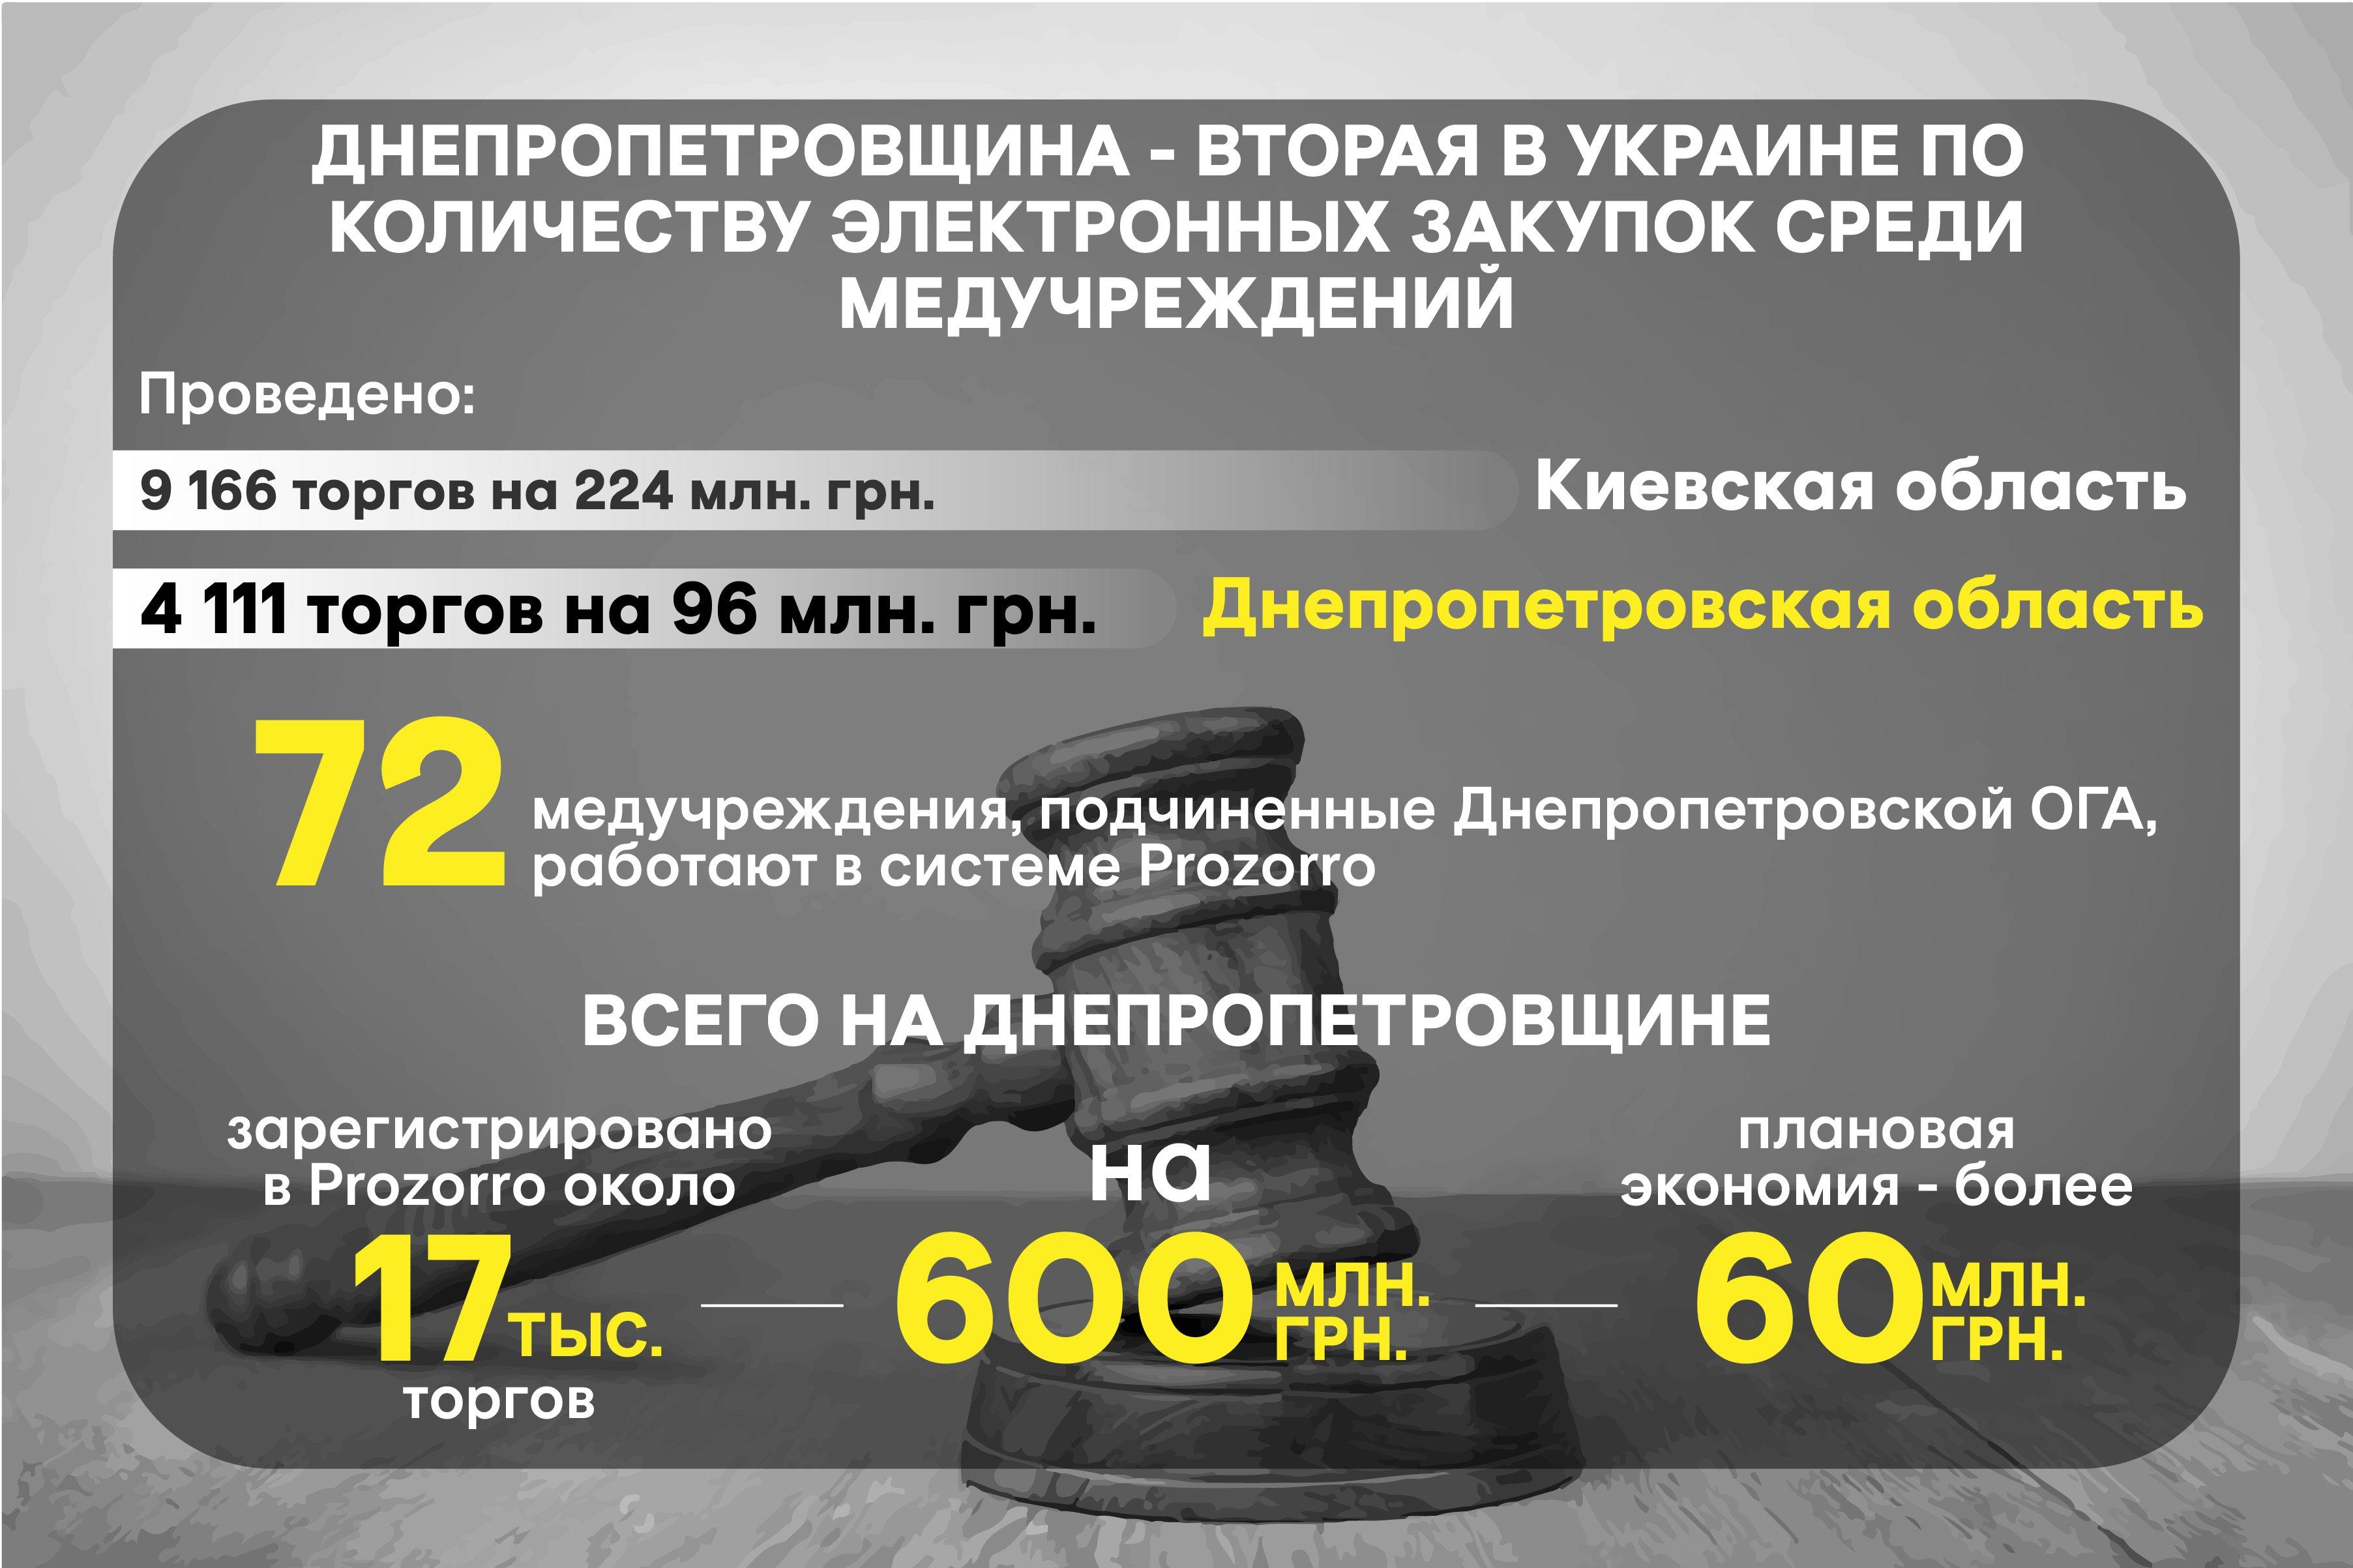 prozorro_17.05.16_рус-01 (4)